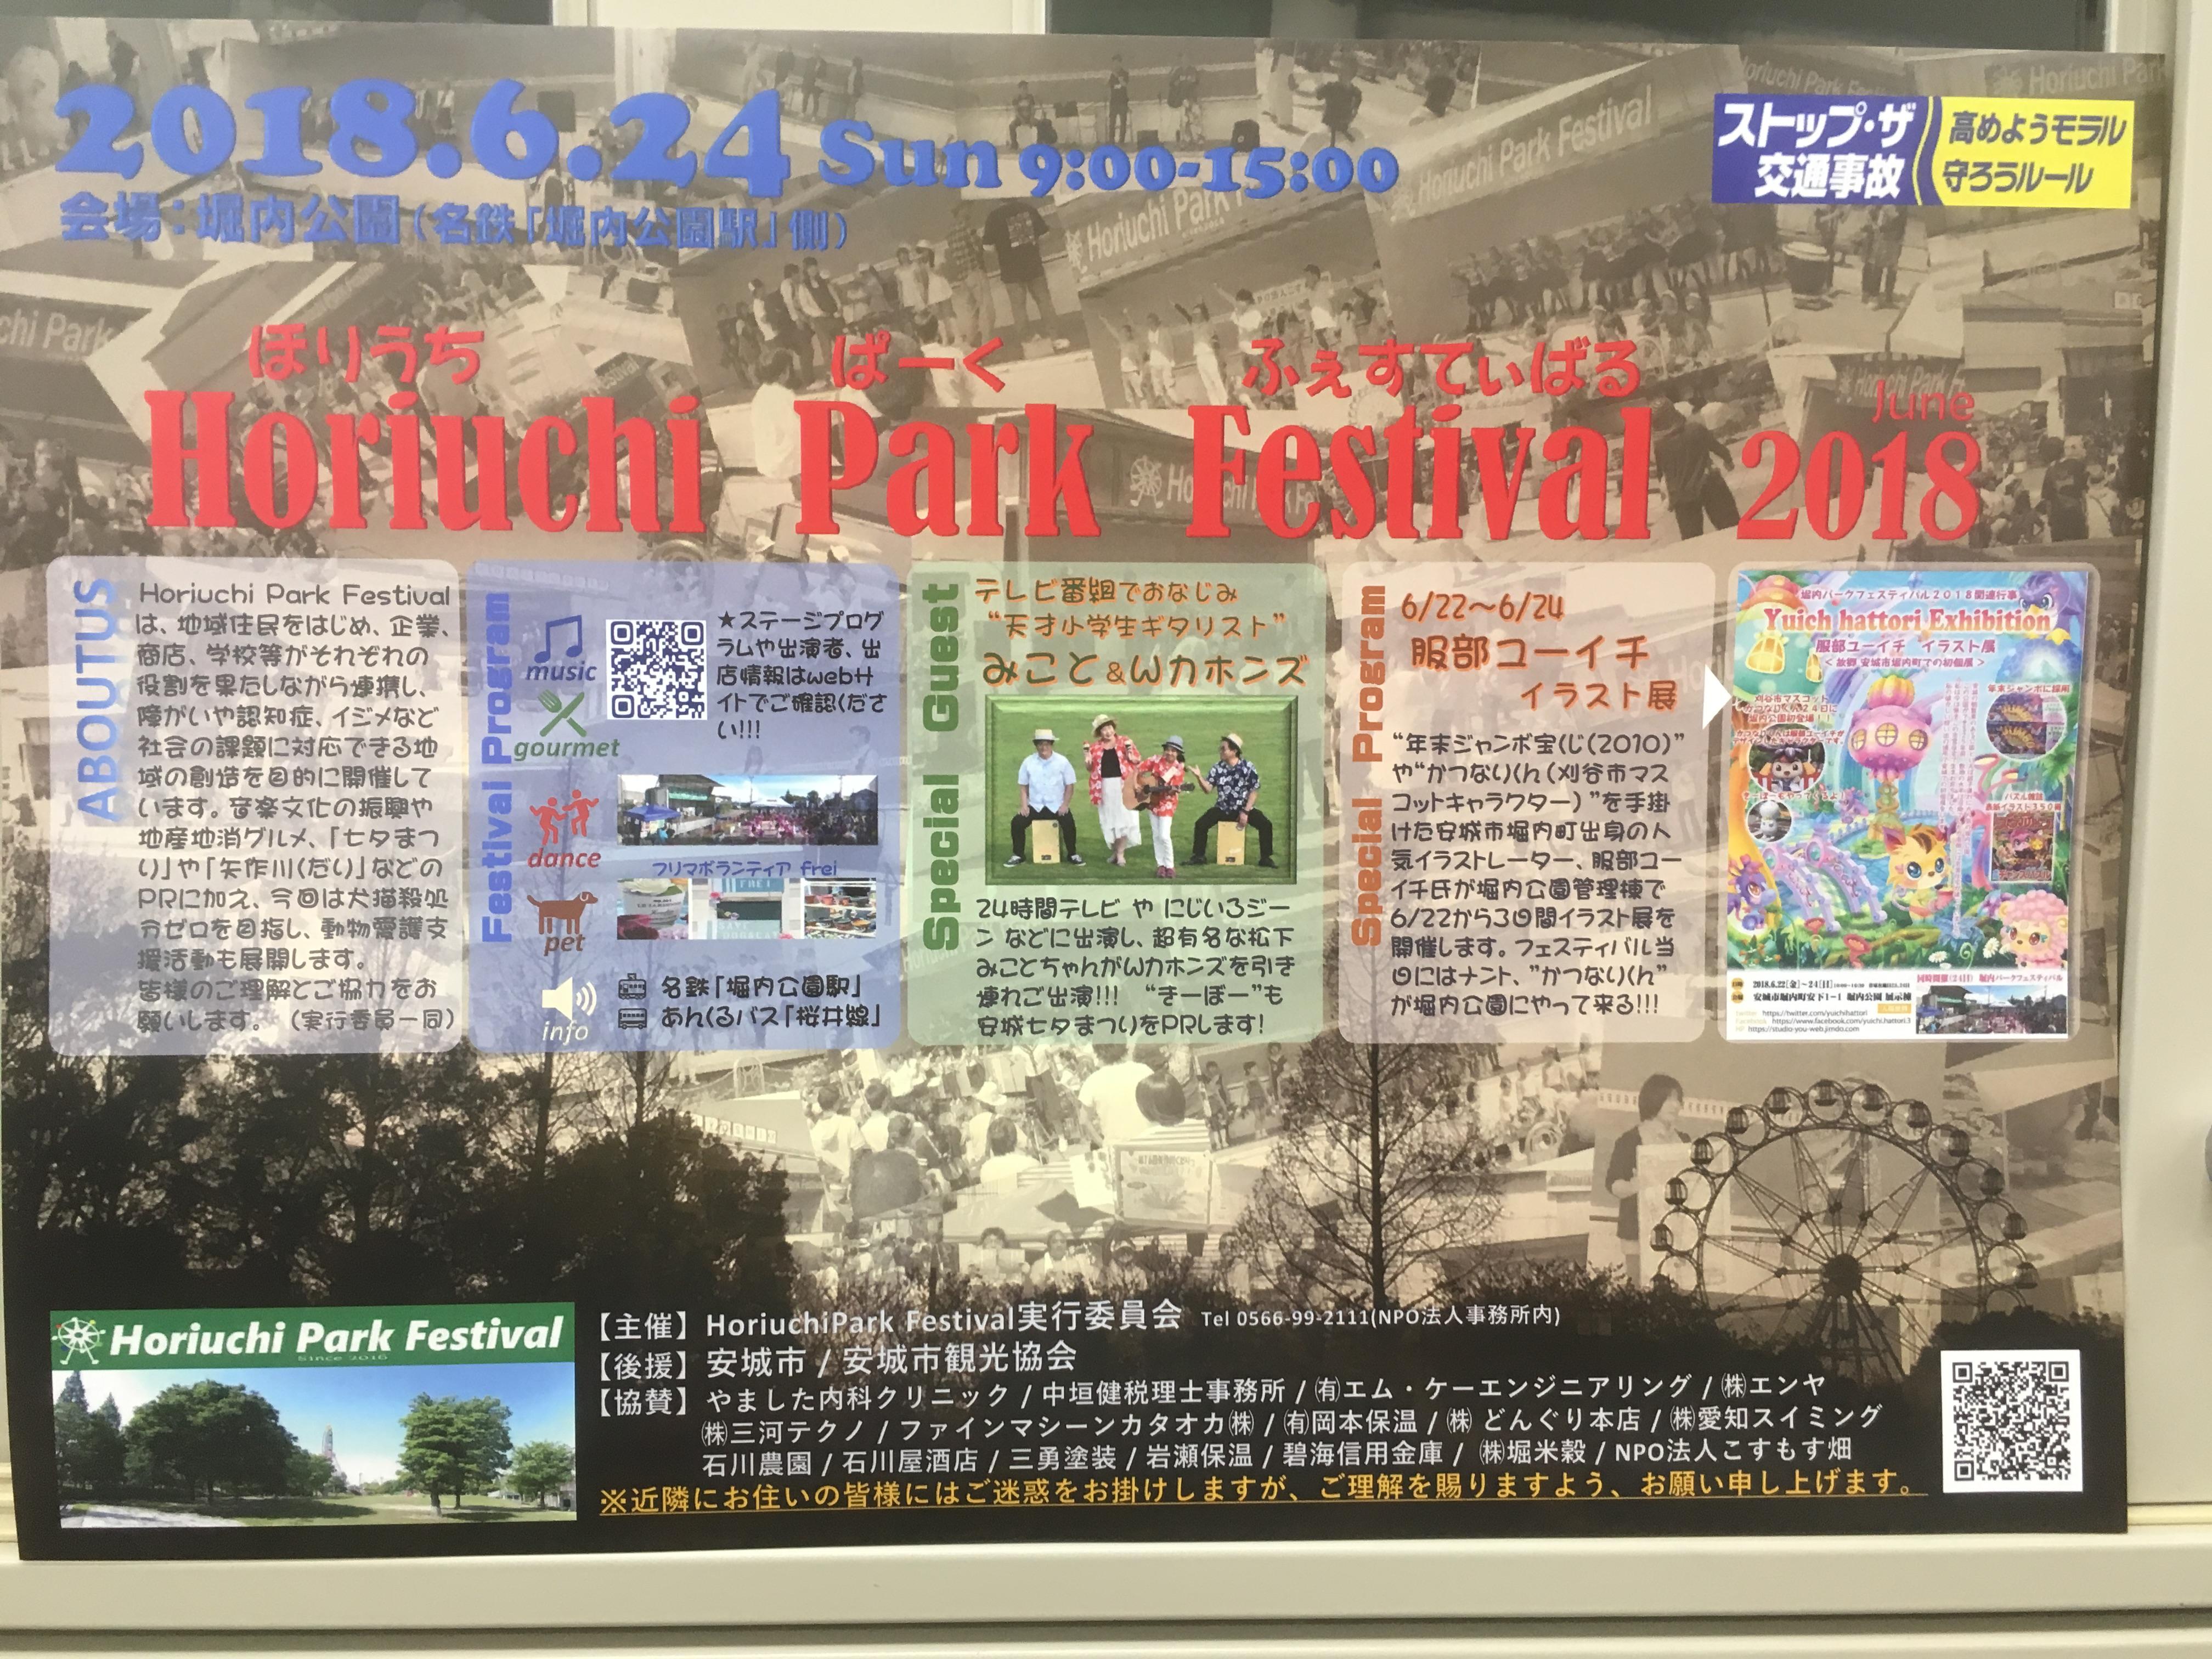 6月24日堀内公園にて開催します!